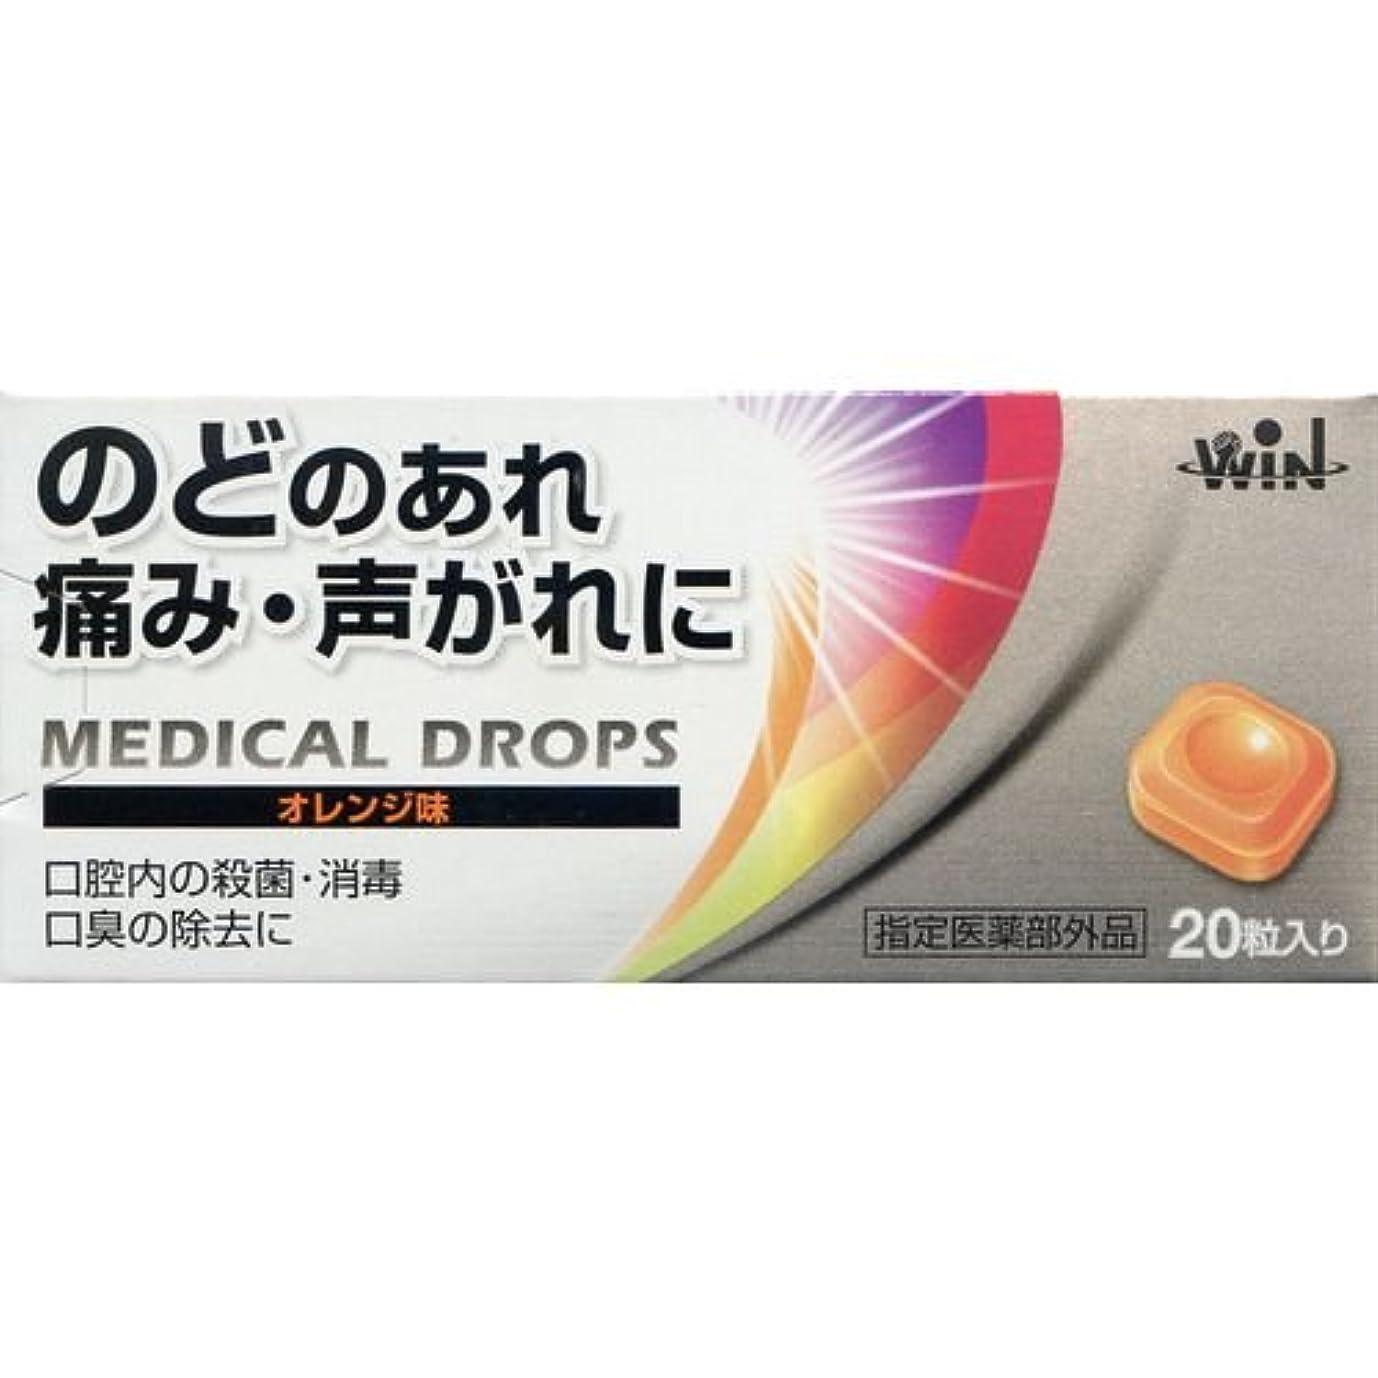 賭け寛解株式会社GUM(ガム)?メディカルドロップ ハーブミント味 24粒 (指定医薬部外品)